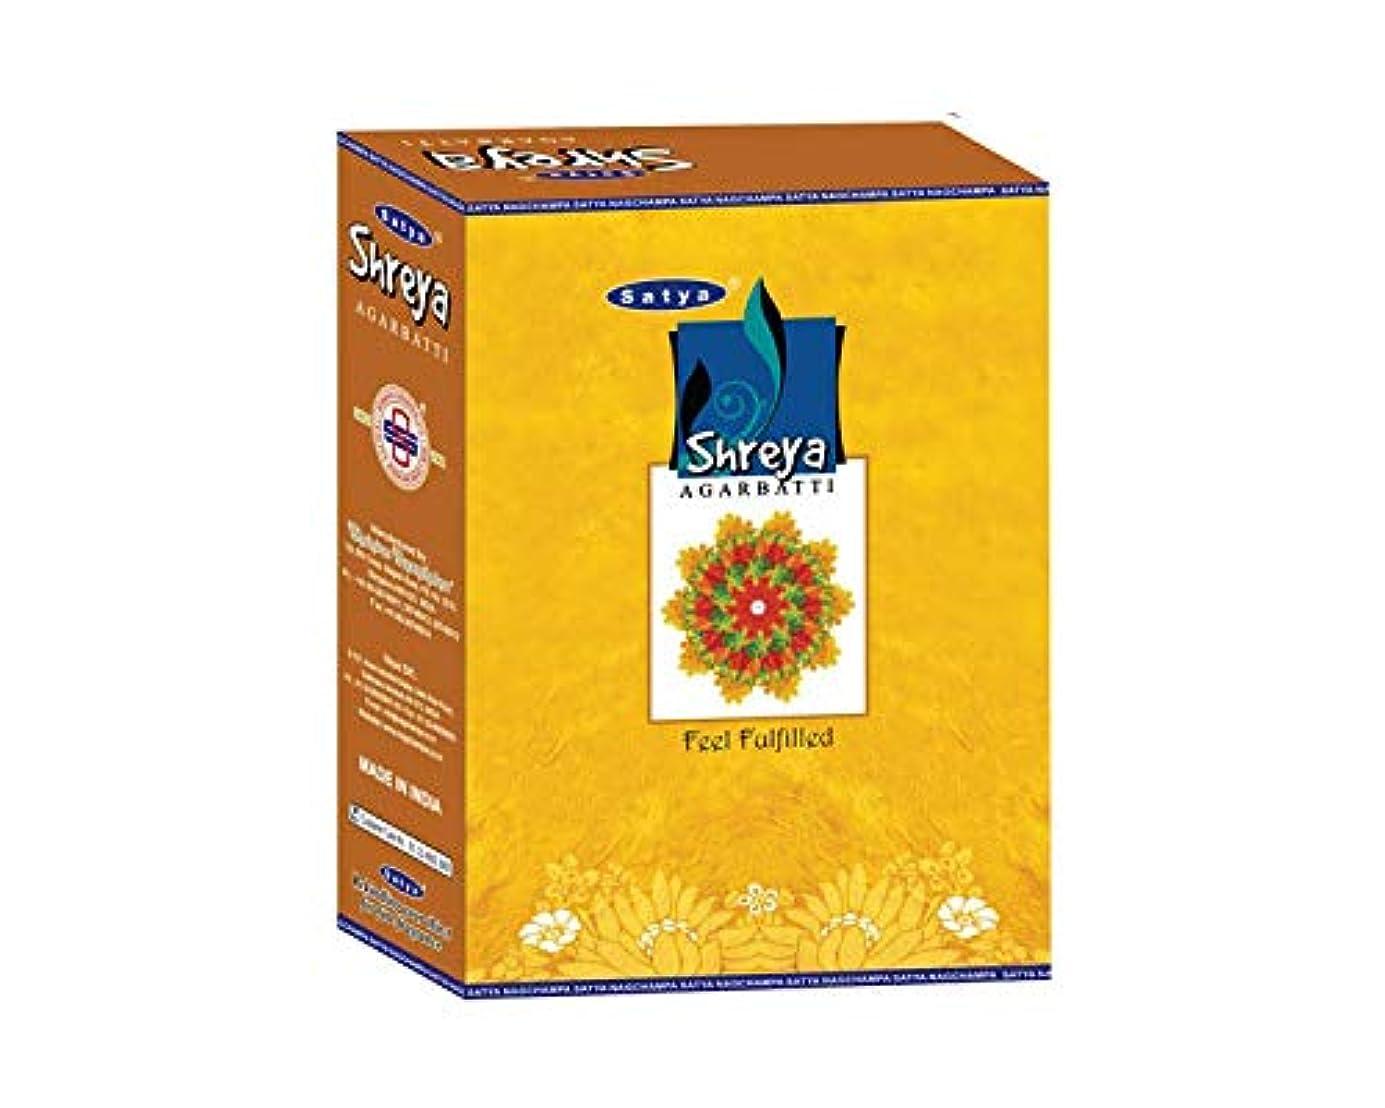 複雑歴史的むしろSatya Shreya Incense Sticksボックス240 gmsボックス